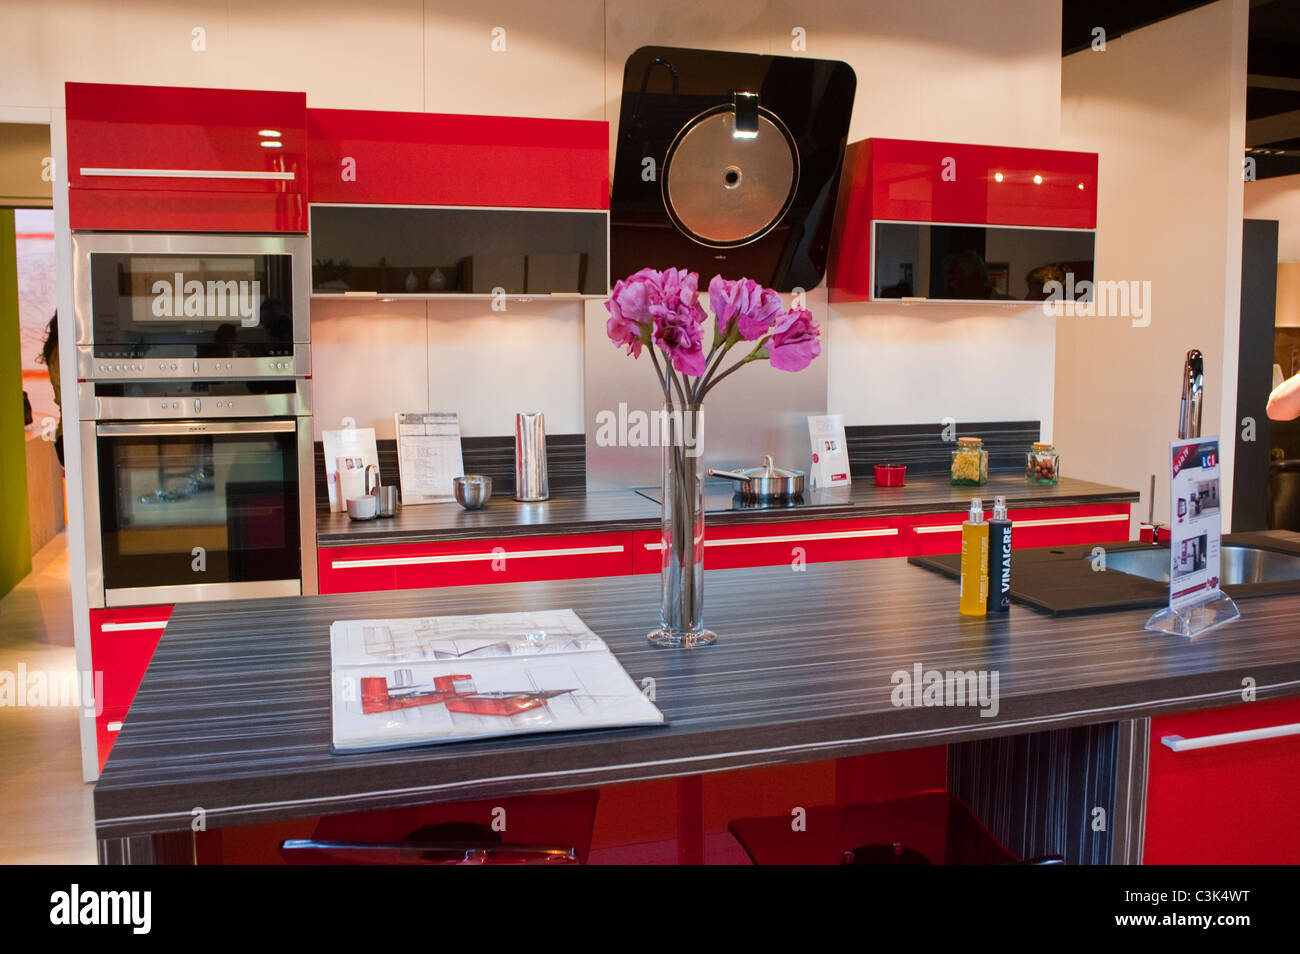 Parigi, Francia, il Design Italiano Cucina interna a Trade ...